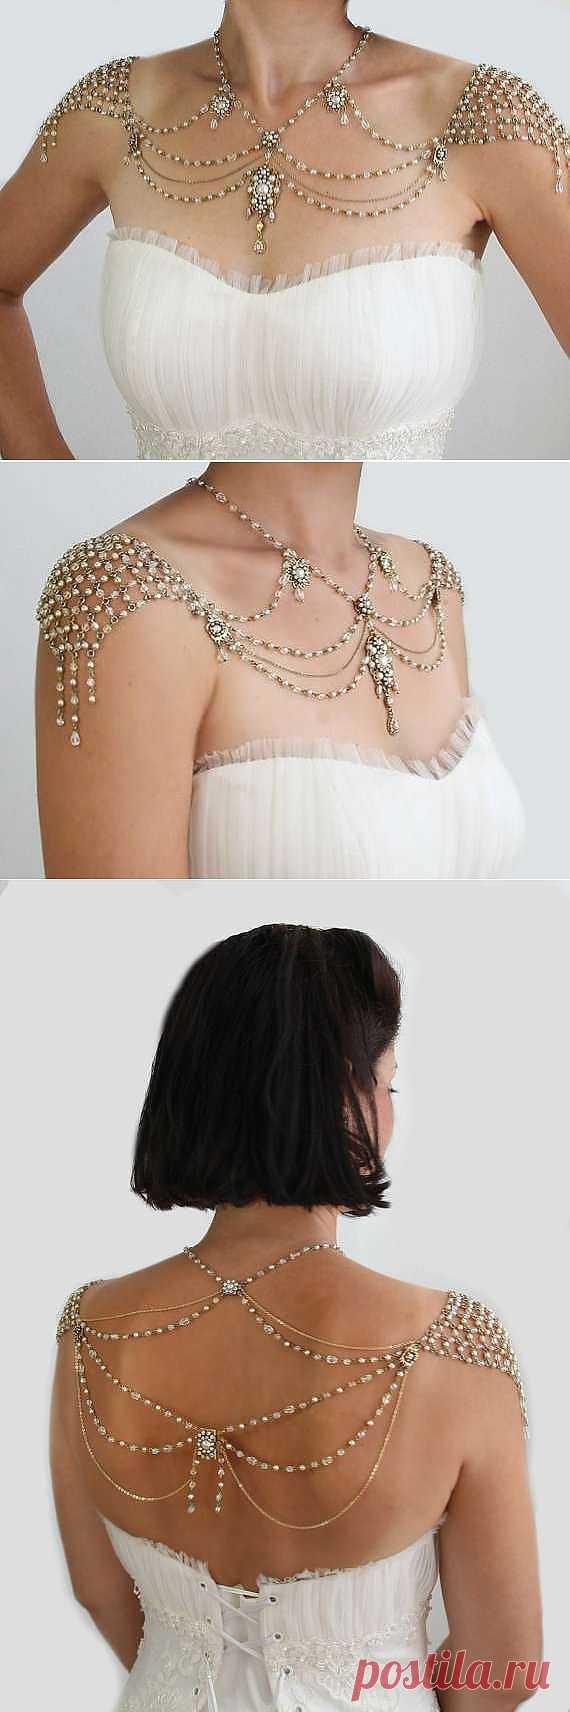 Украшение для невесты / Свадебная мода / Модный сайт о стильной переделке одежды и интерьера